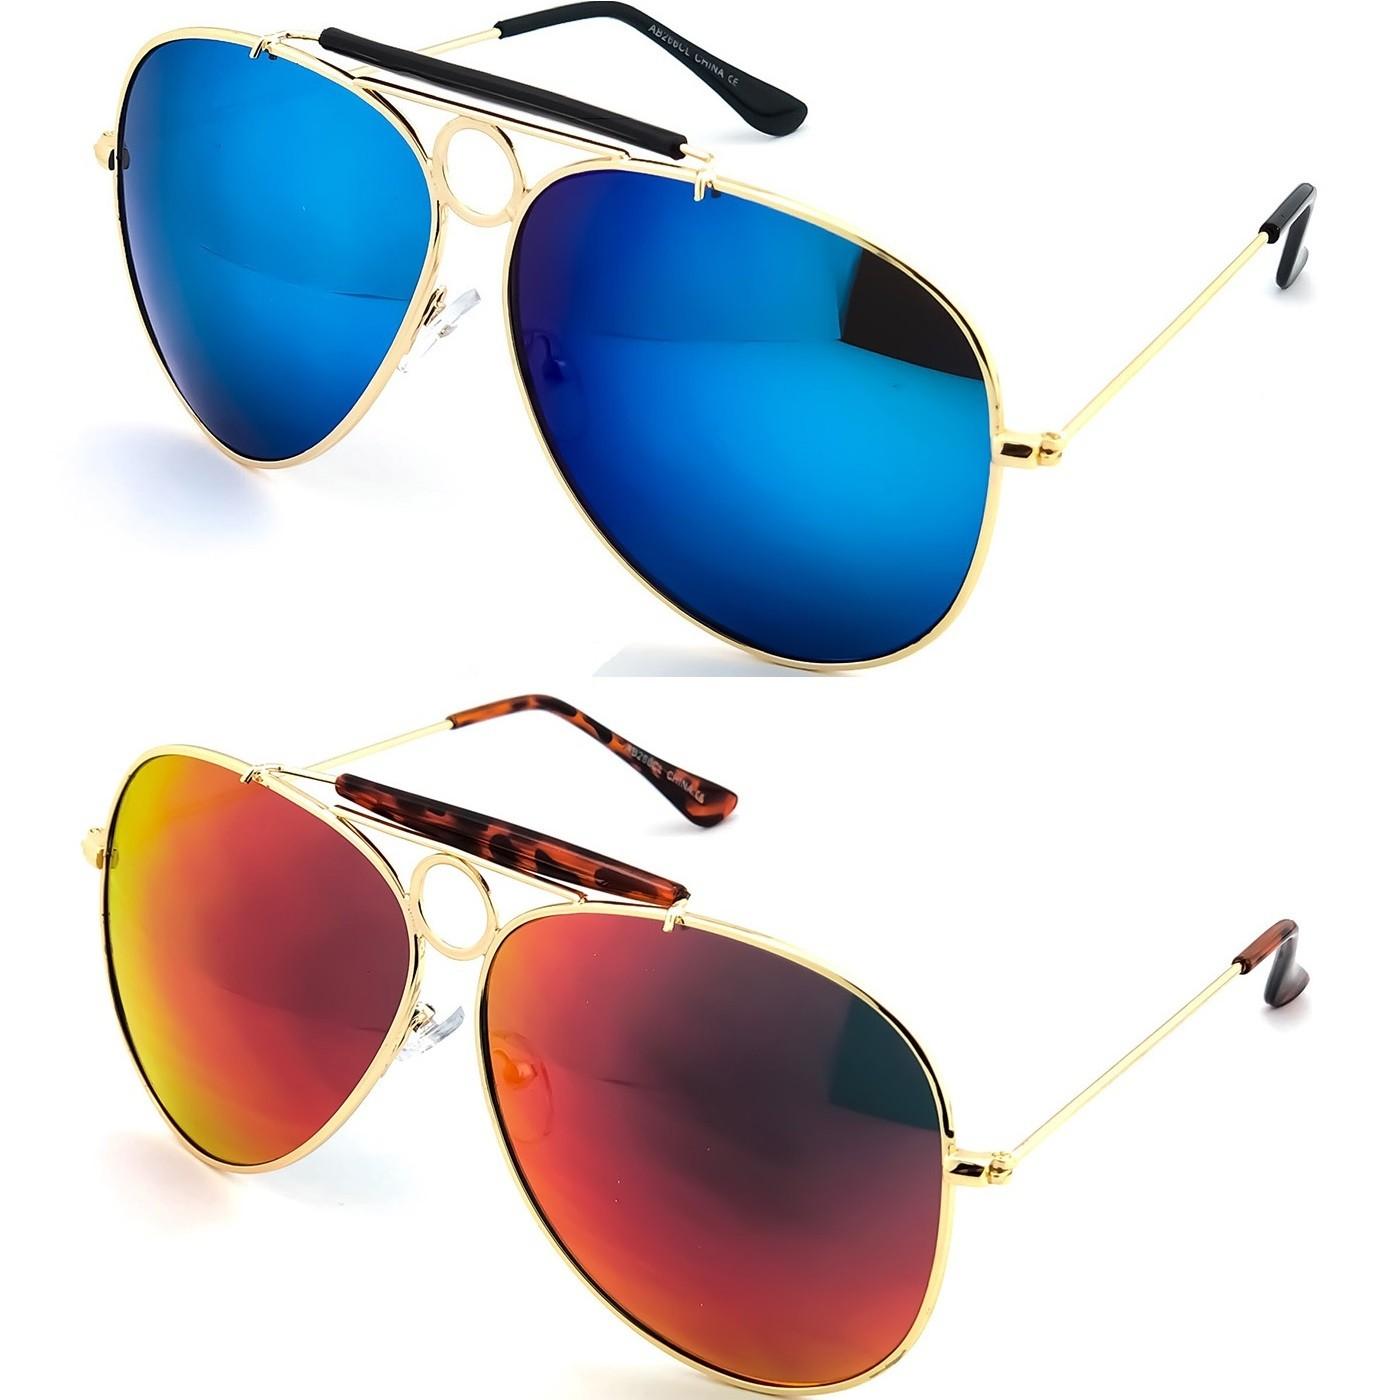 Sonnenbrille KISS® - mod. ANGST UND DELIRIUM cult movie - JOHNNY DEPP mann frau VINTAGE flieger-stil - Farbe : SCHWARZ / rot